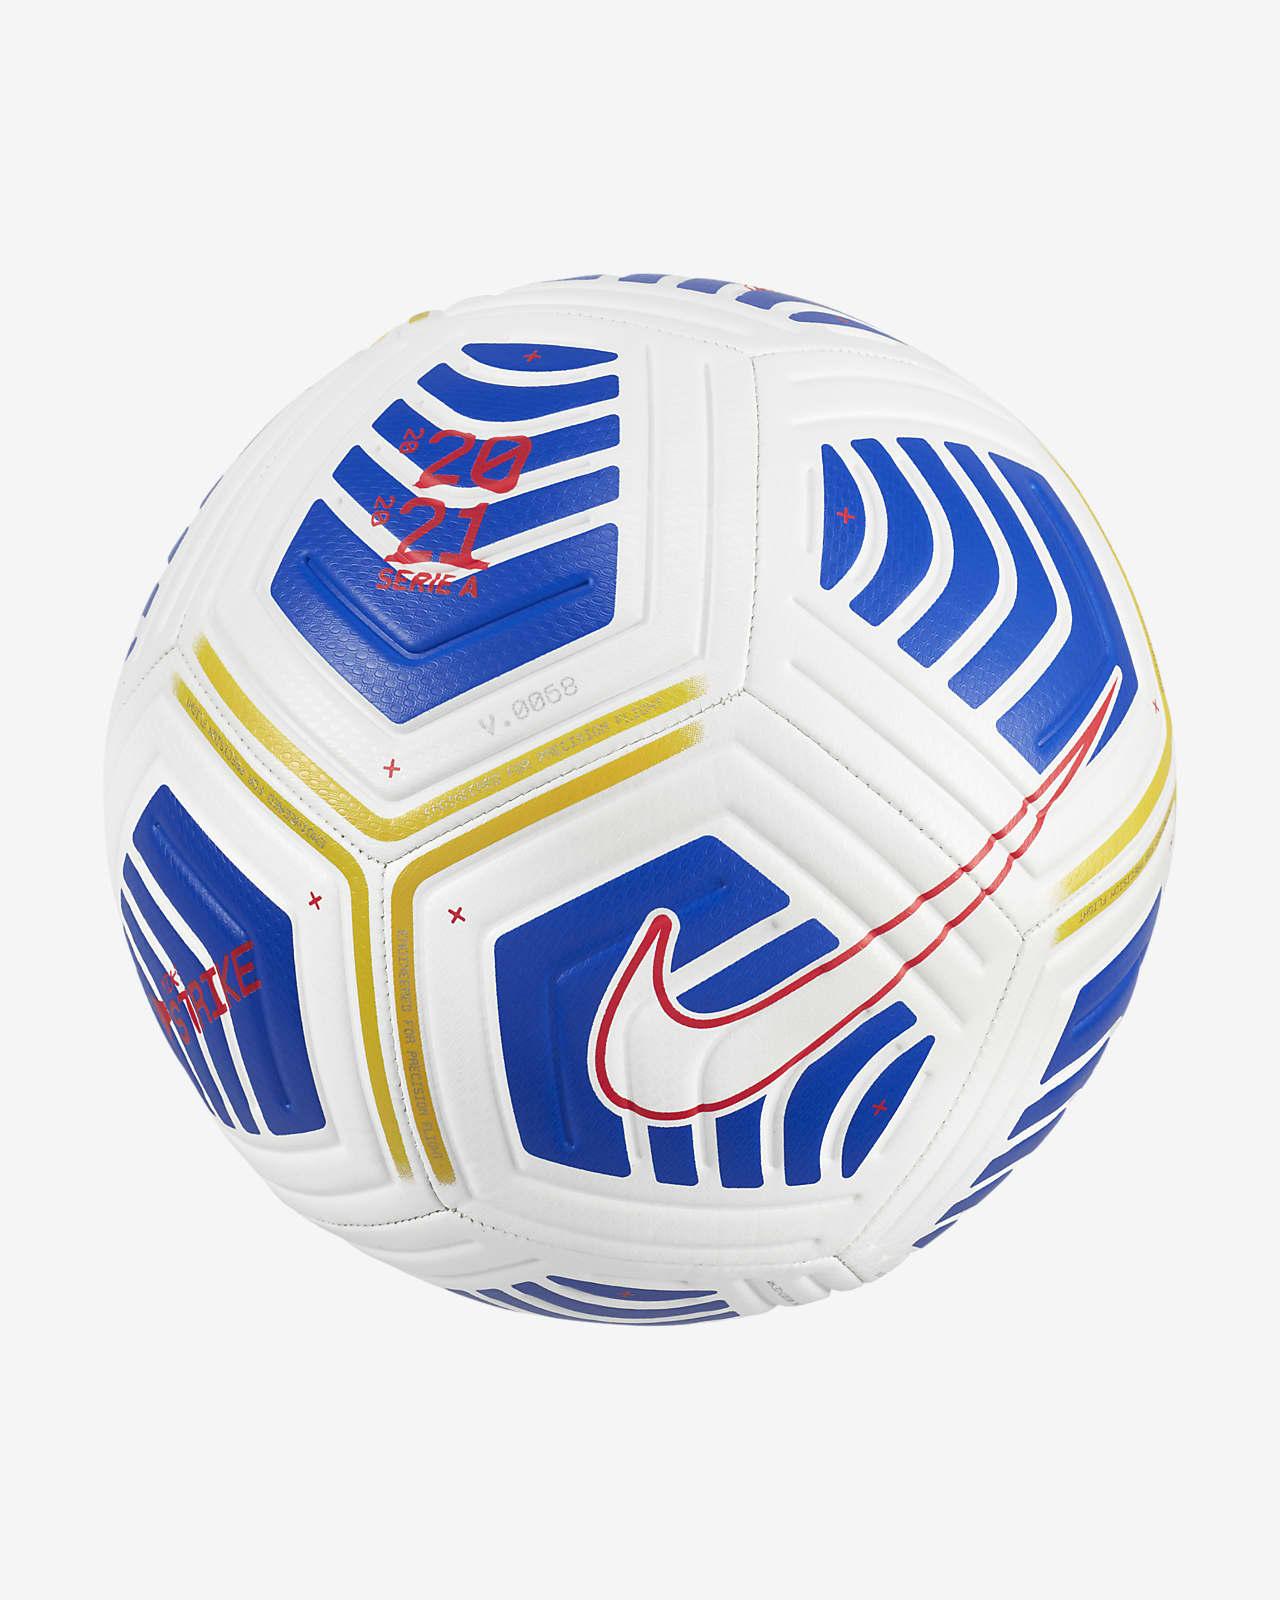 Piłka do gry w piłkę nożną Serie A Strike